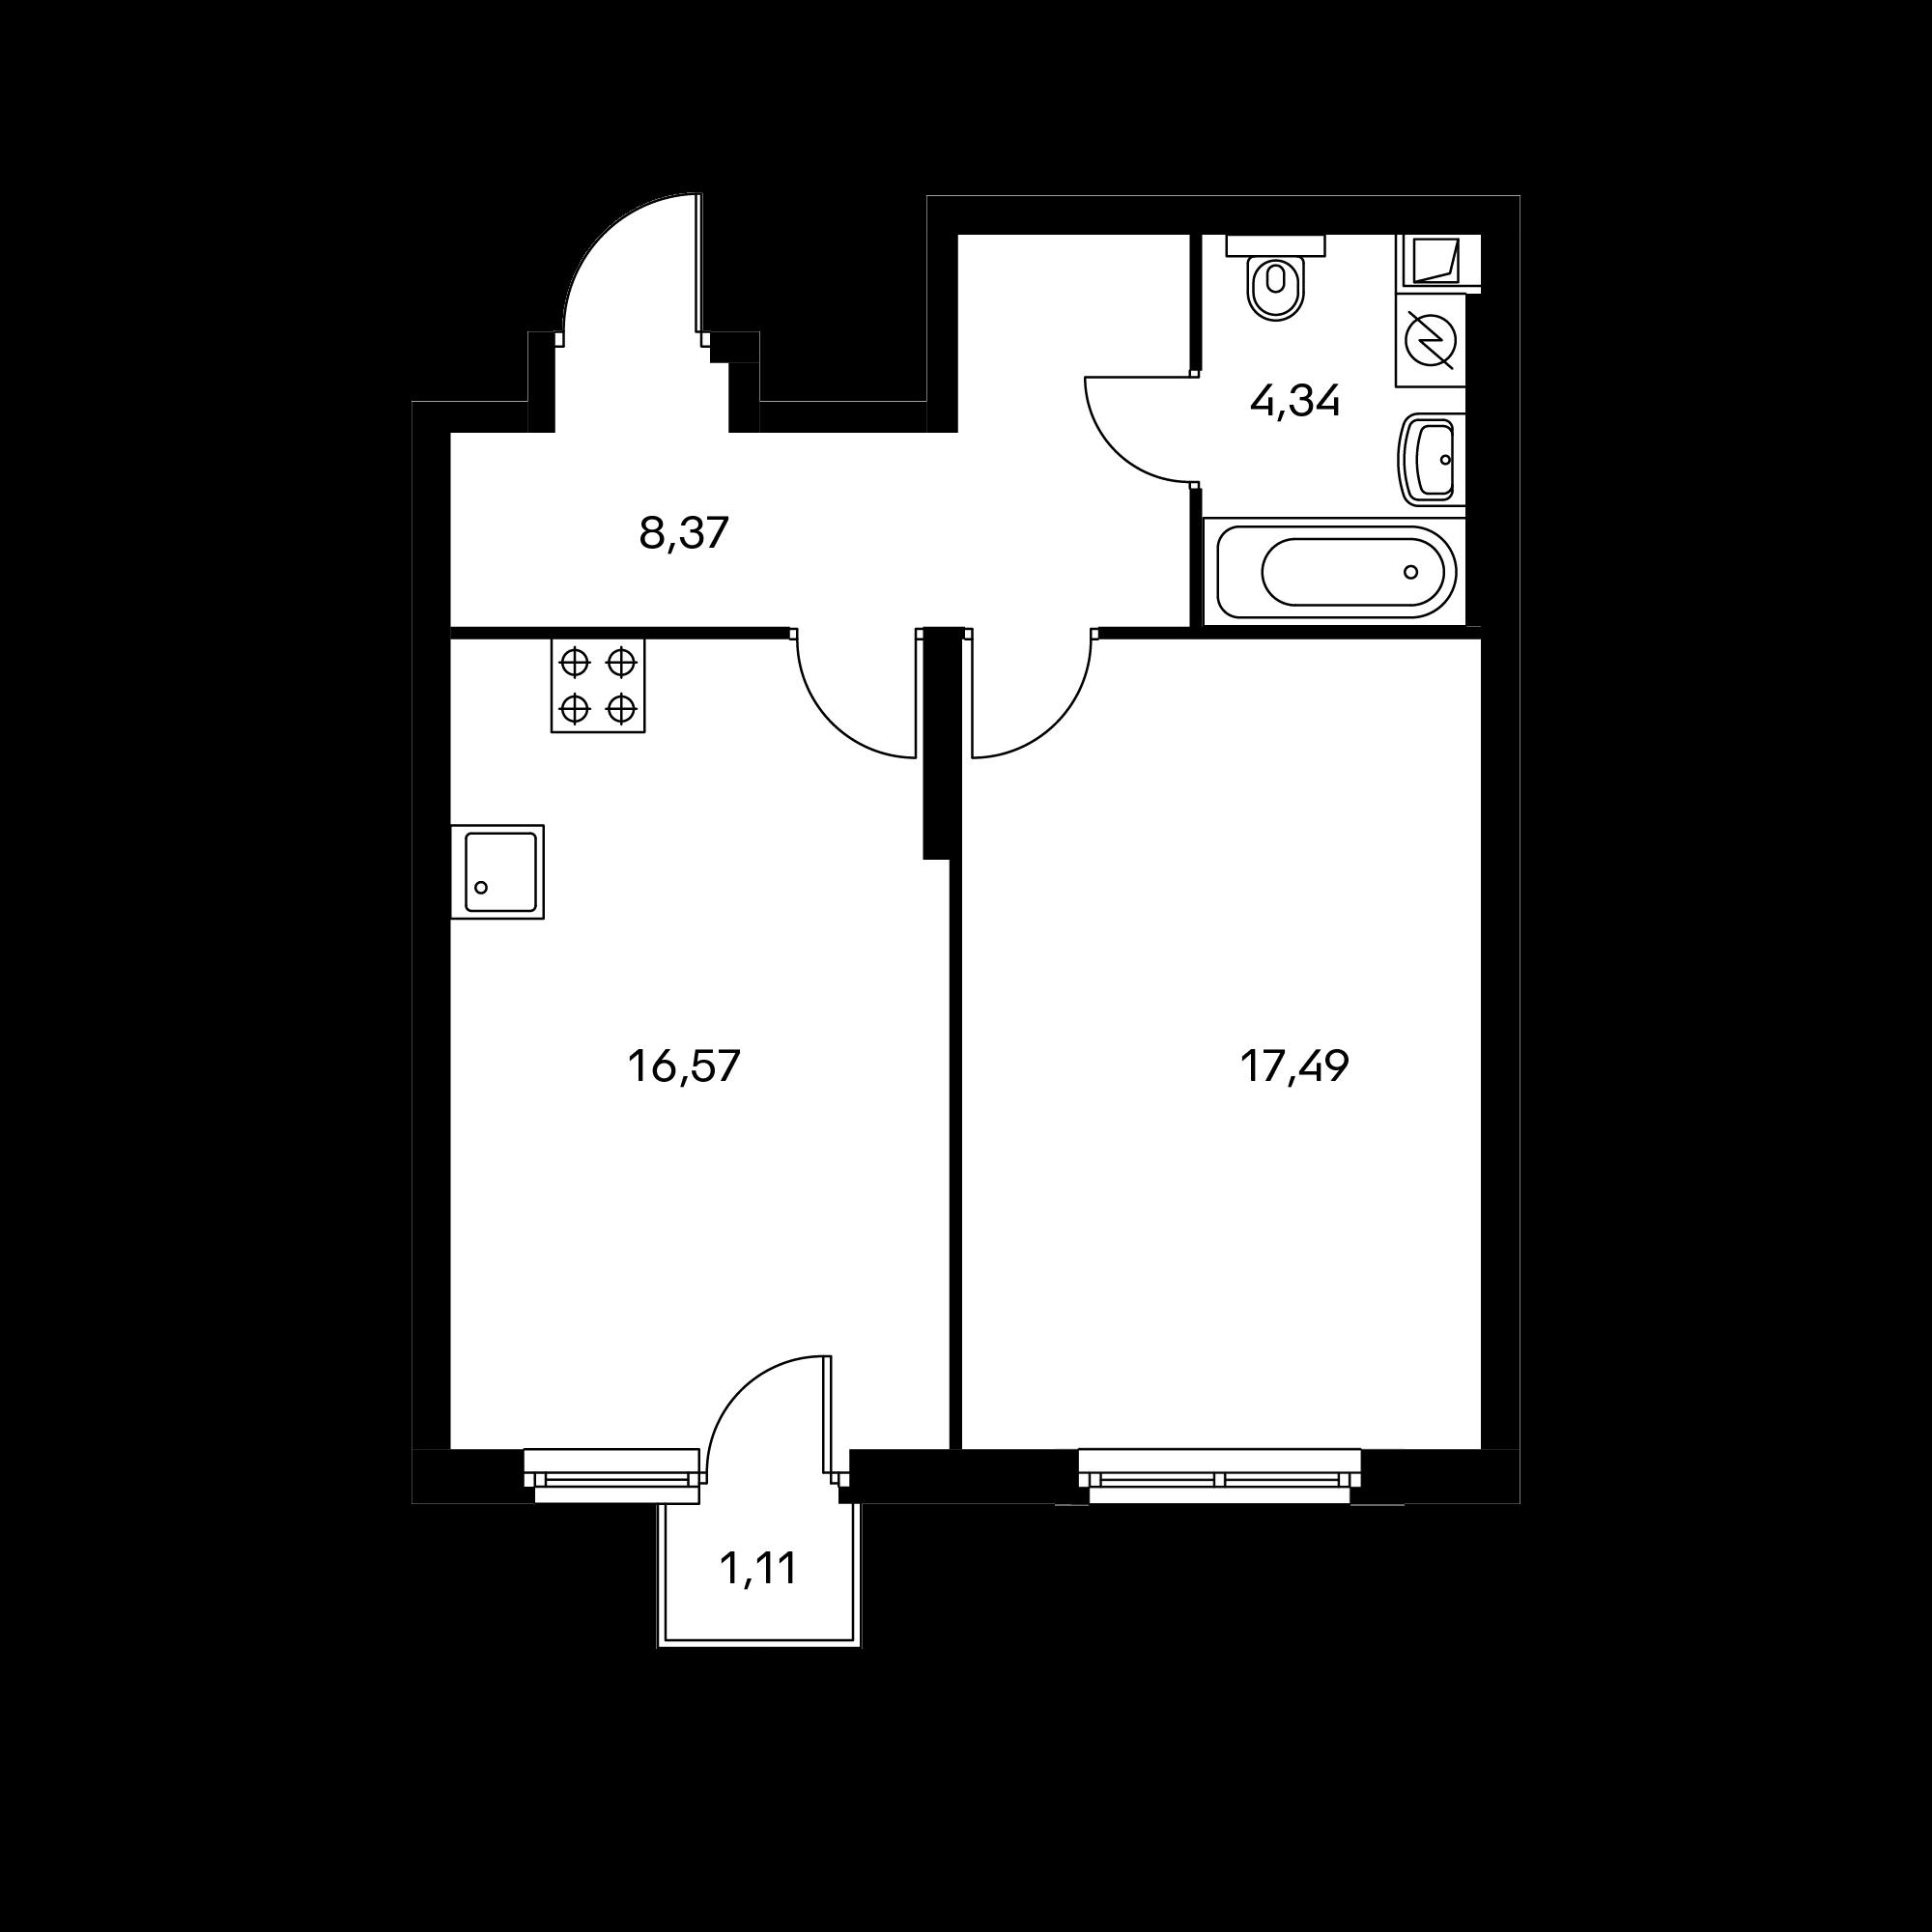 1KL1R_1B1